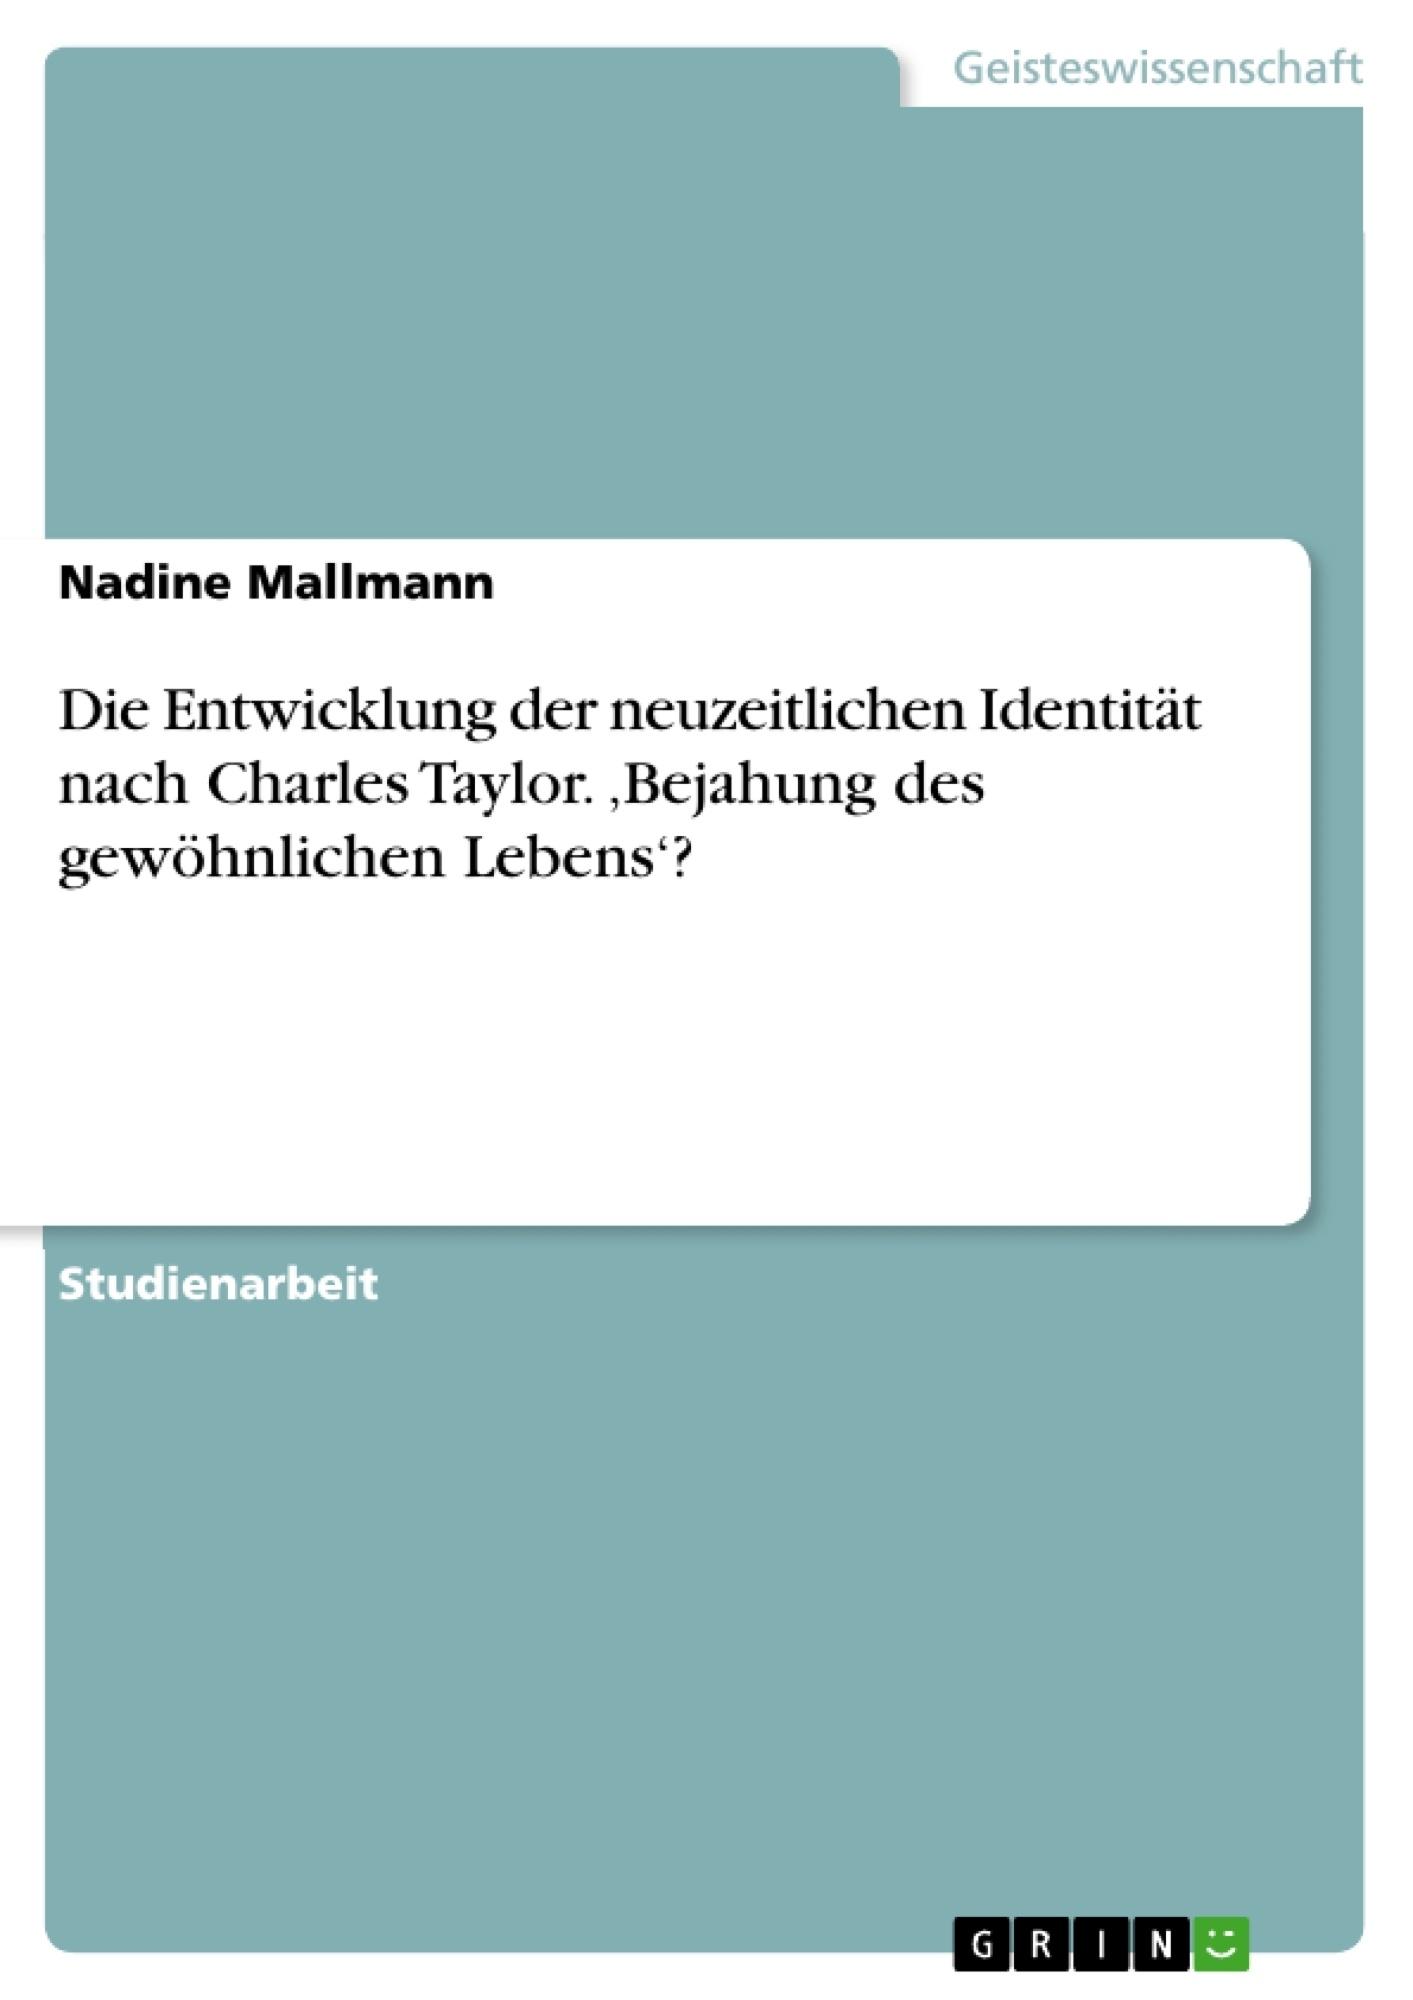 Titel: Die Entwicklung der neuzeitlichen Identität nach Charles Taylor. 'Bejahung des gewöhnlichen Lebens'?